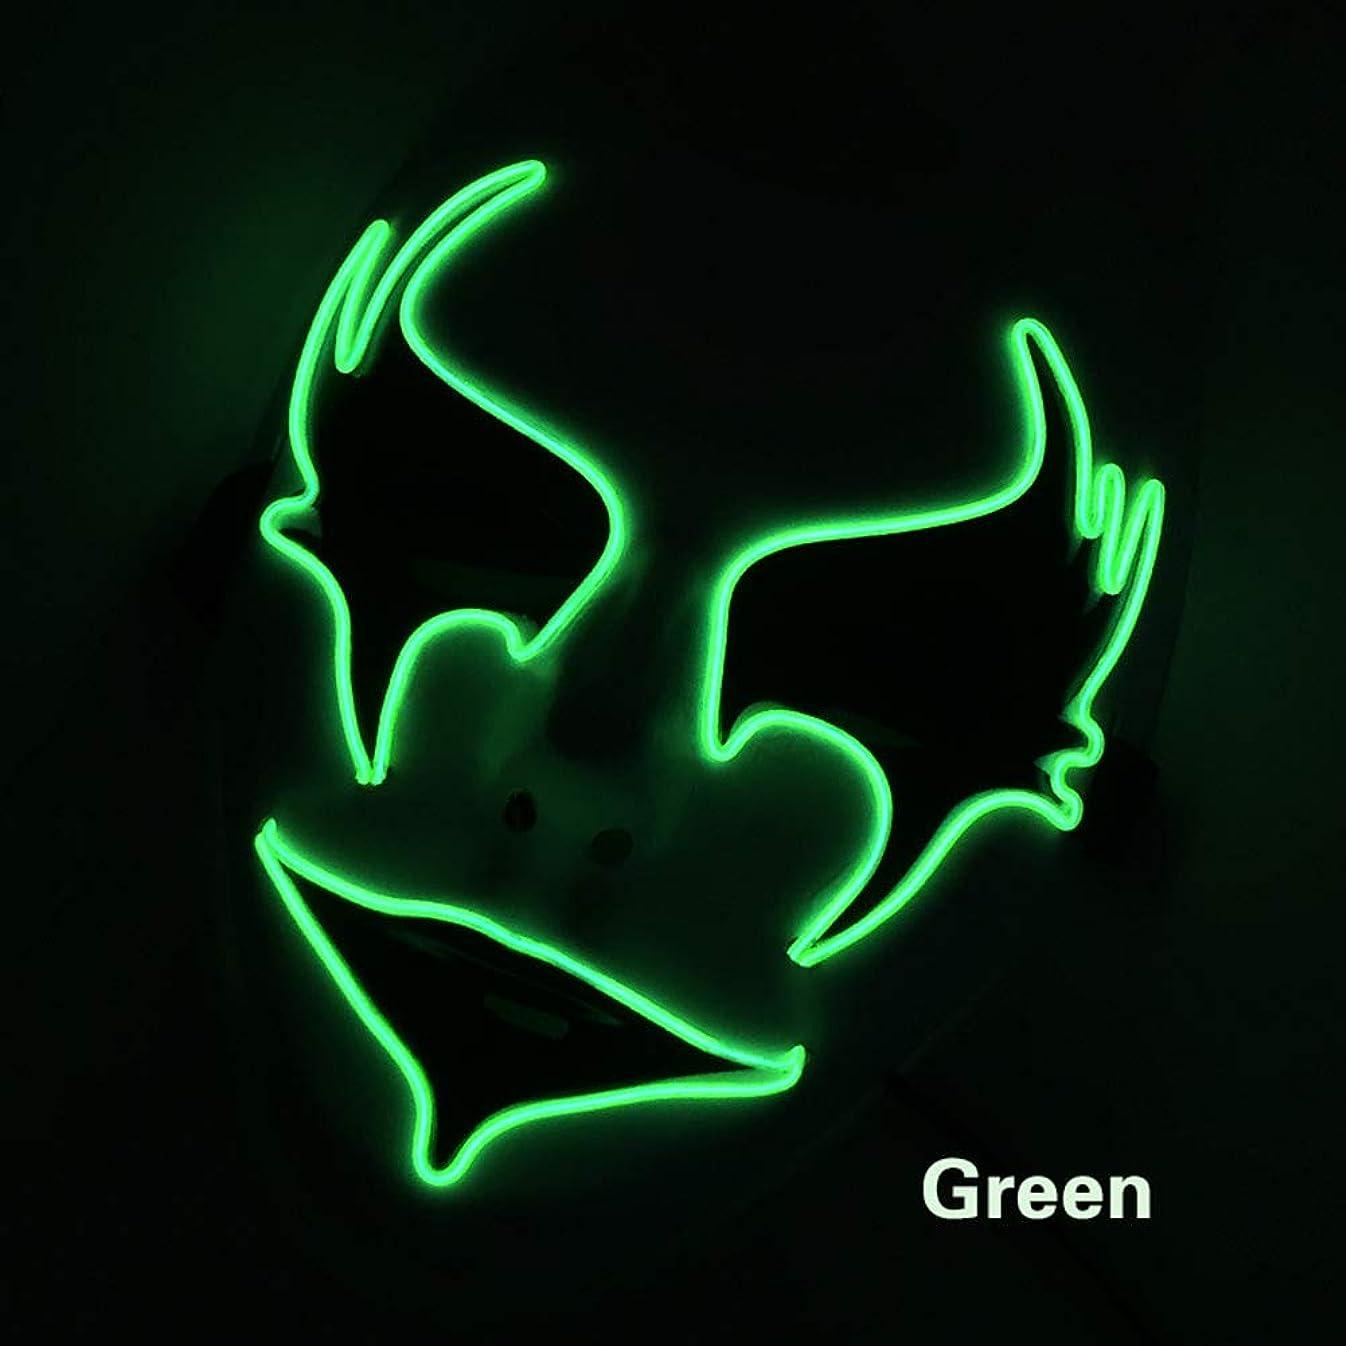 分布一掃する指手塗り ウォーターヒヤシンス イルミネーション LED ハロウィン マスク 2個 EL ワイヤー コスプレ フェスティバル 化粧 パーティー マスク (18×18Cm) MAG.AL